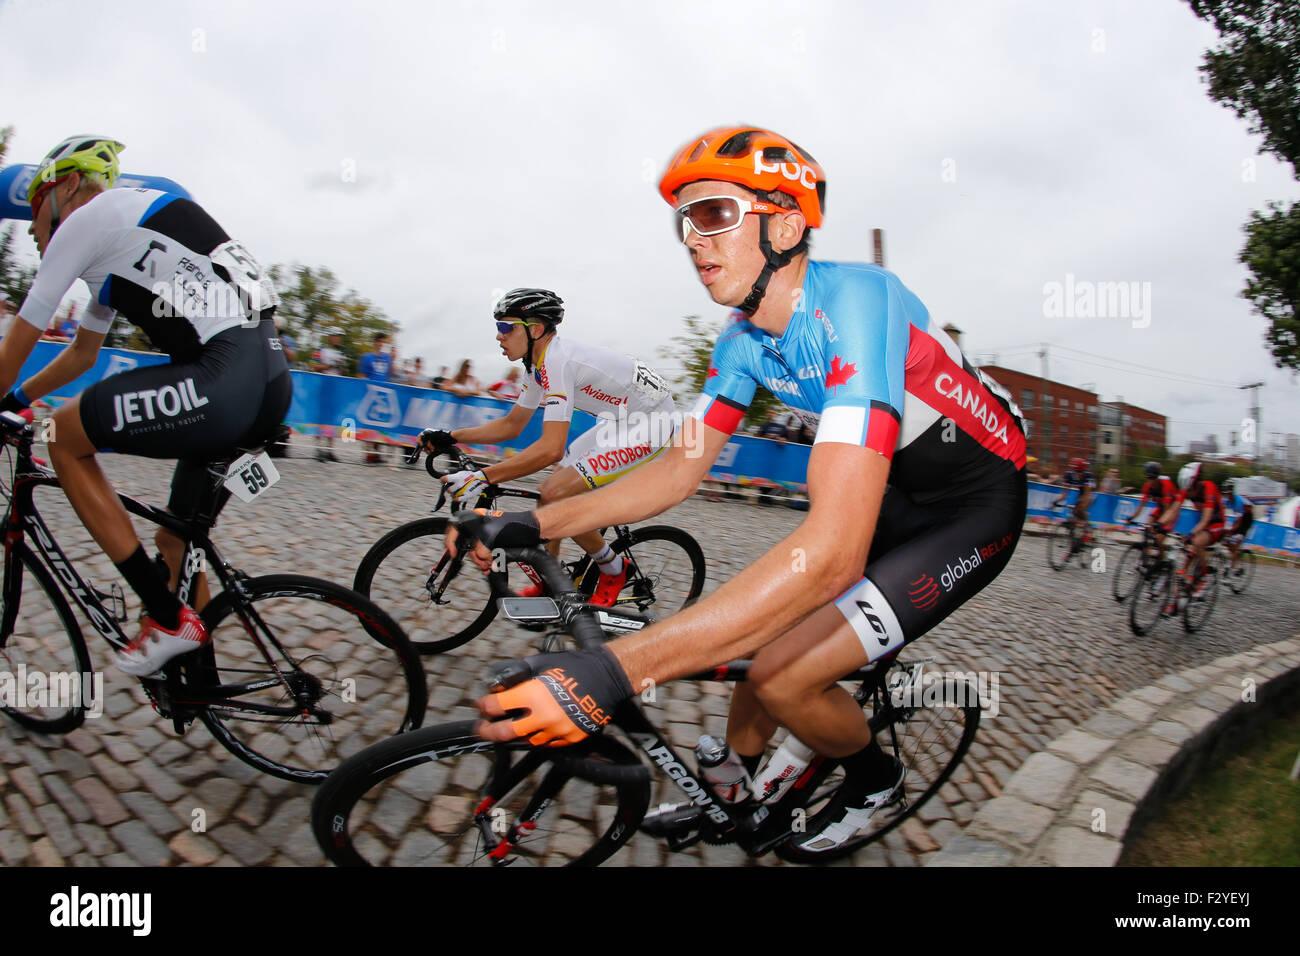 RICHMOND, Virginia, el 25 de septiembre del 2015. Nigel Ellsay canadiense razas arriba Libby Hill durante los 162,2 kilómetros de carretera UCI Campeonatos del mundo los hombres menores de 23 Road Race. Crédito: Ironstring/Alamy Live News Foto de stock